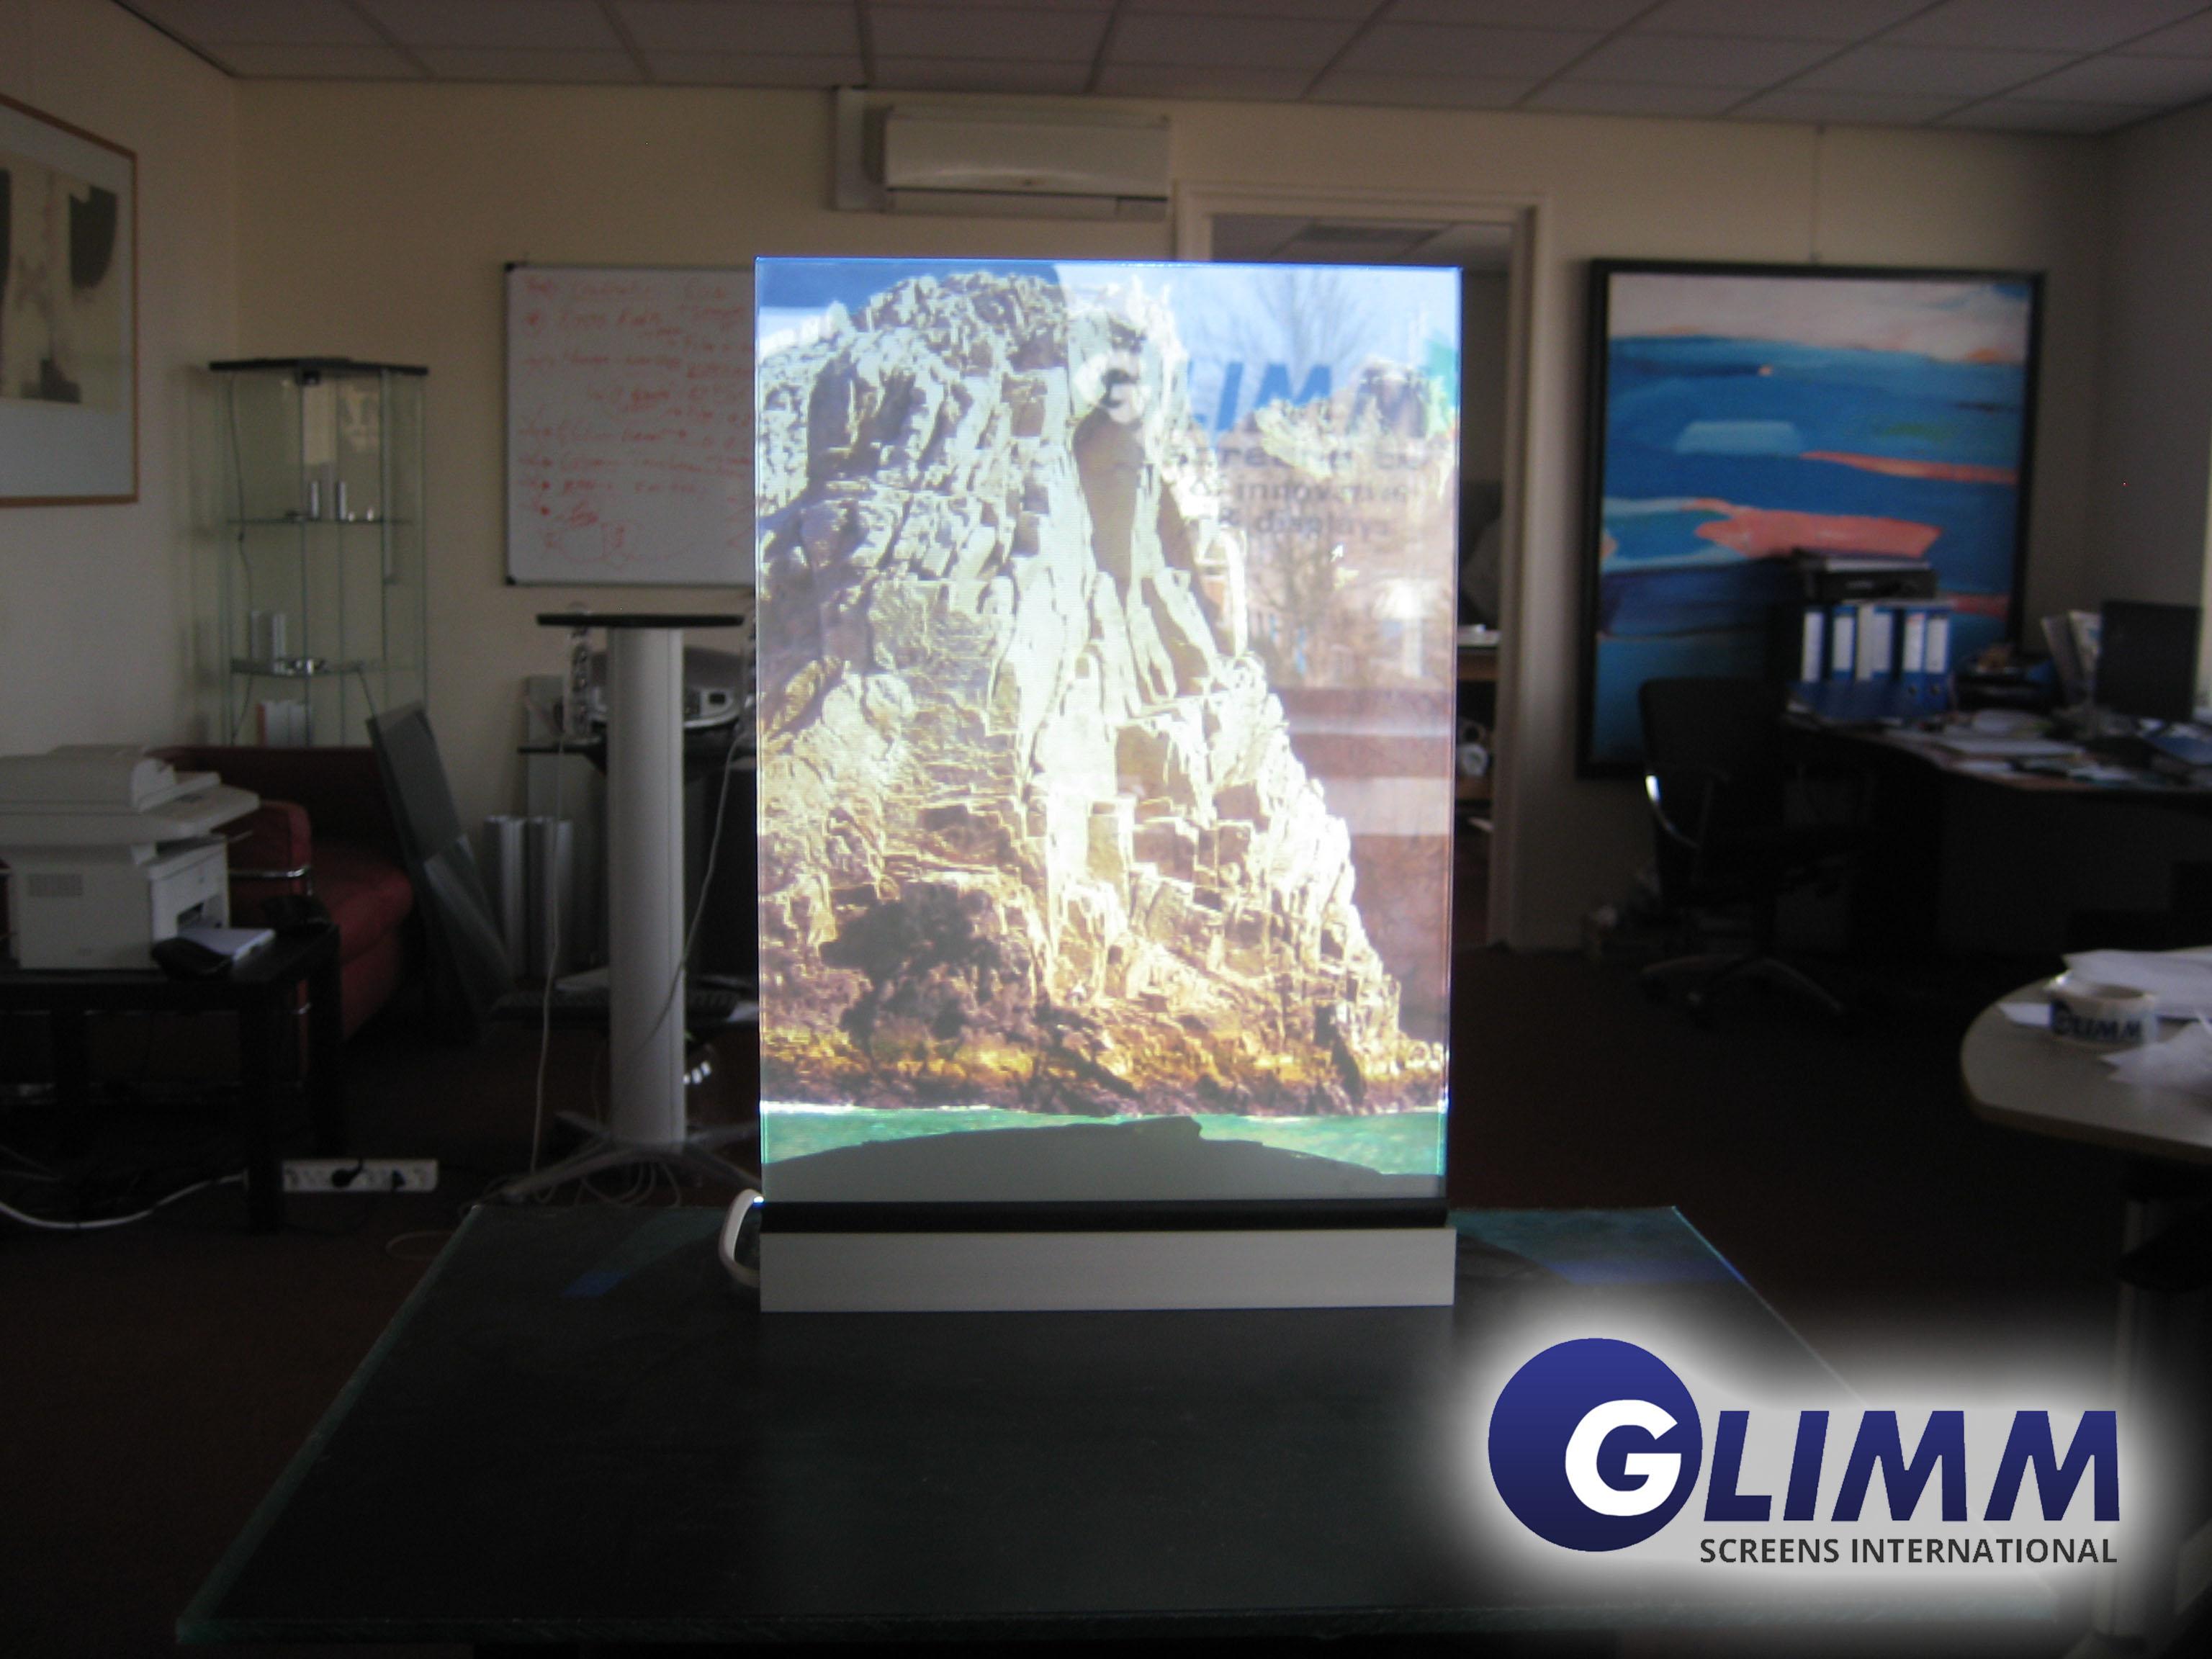 Smart Film On Off2 Glimm Display